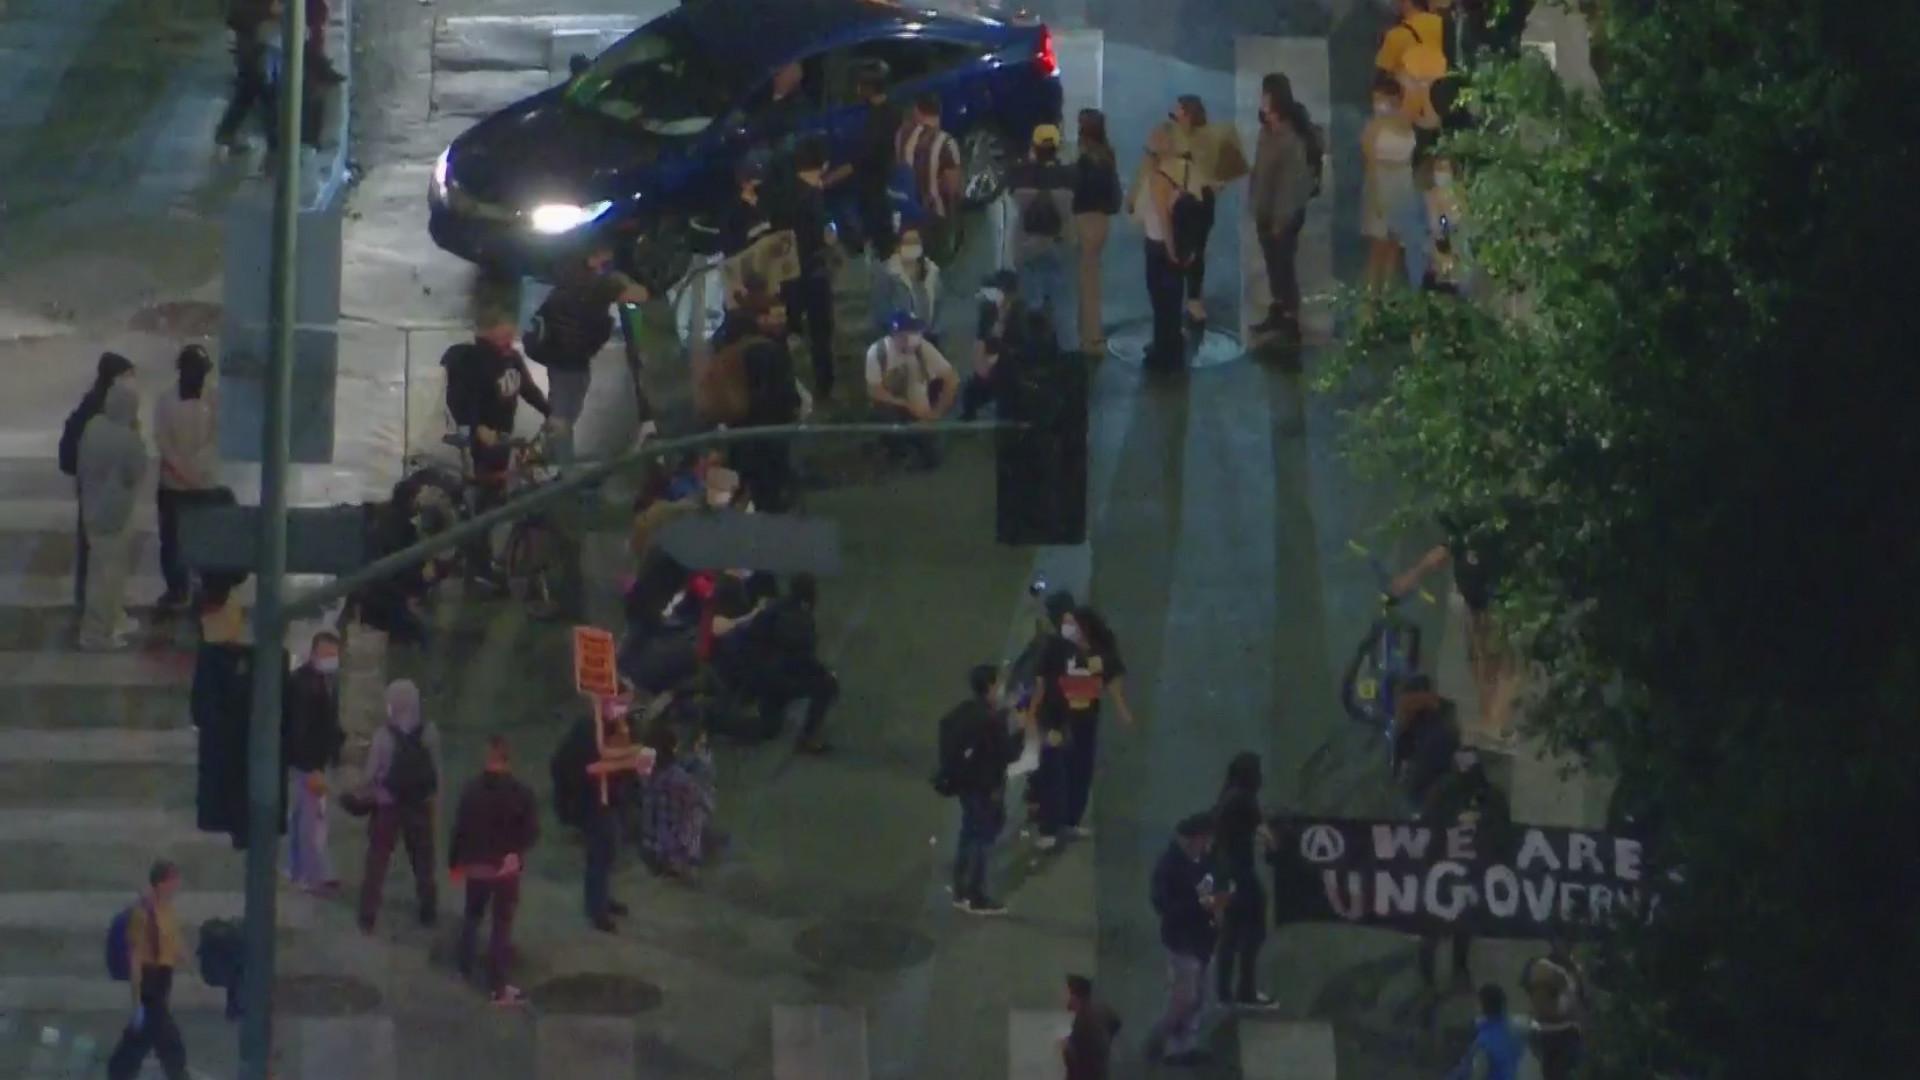 People gather in downtown Los Angeles on Nov. 4, 2020. (KTLA)